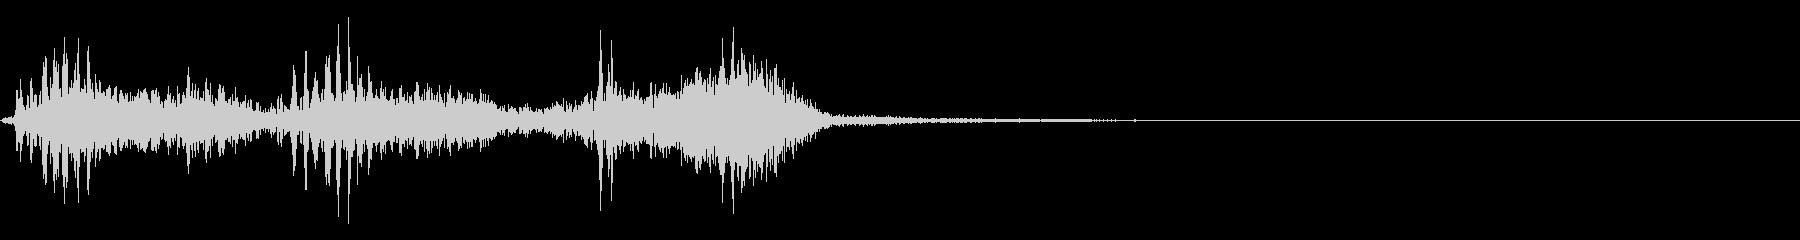 【生録音】フラミンゴの鳴き声 40の未再生の波形